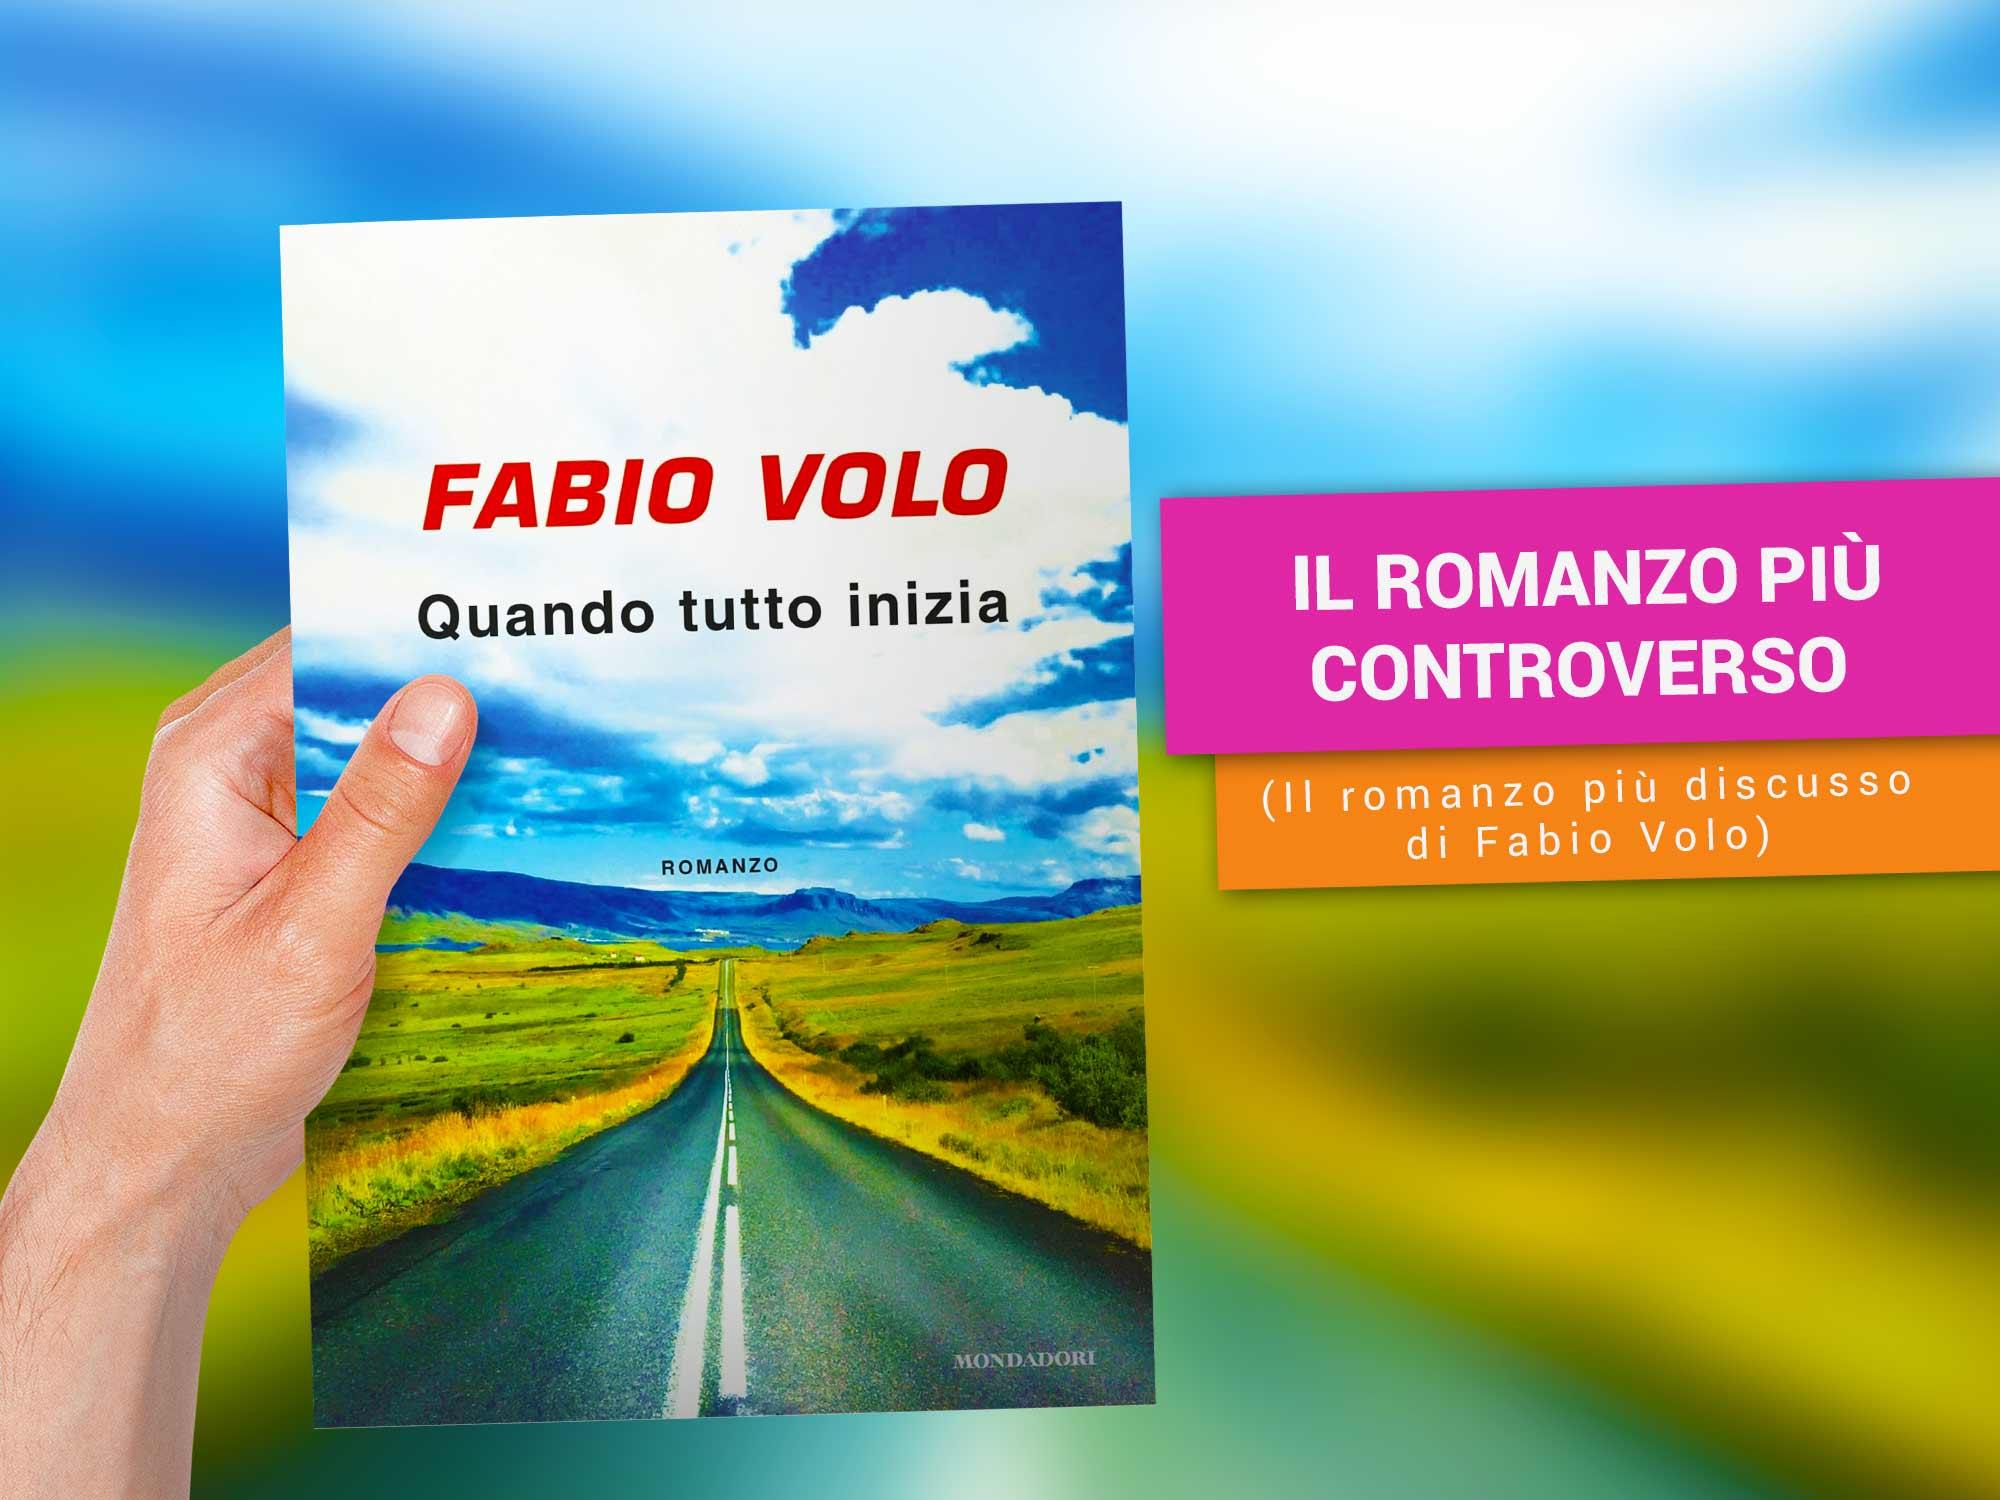 romanzo-fabio-volo